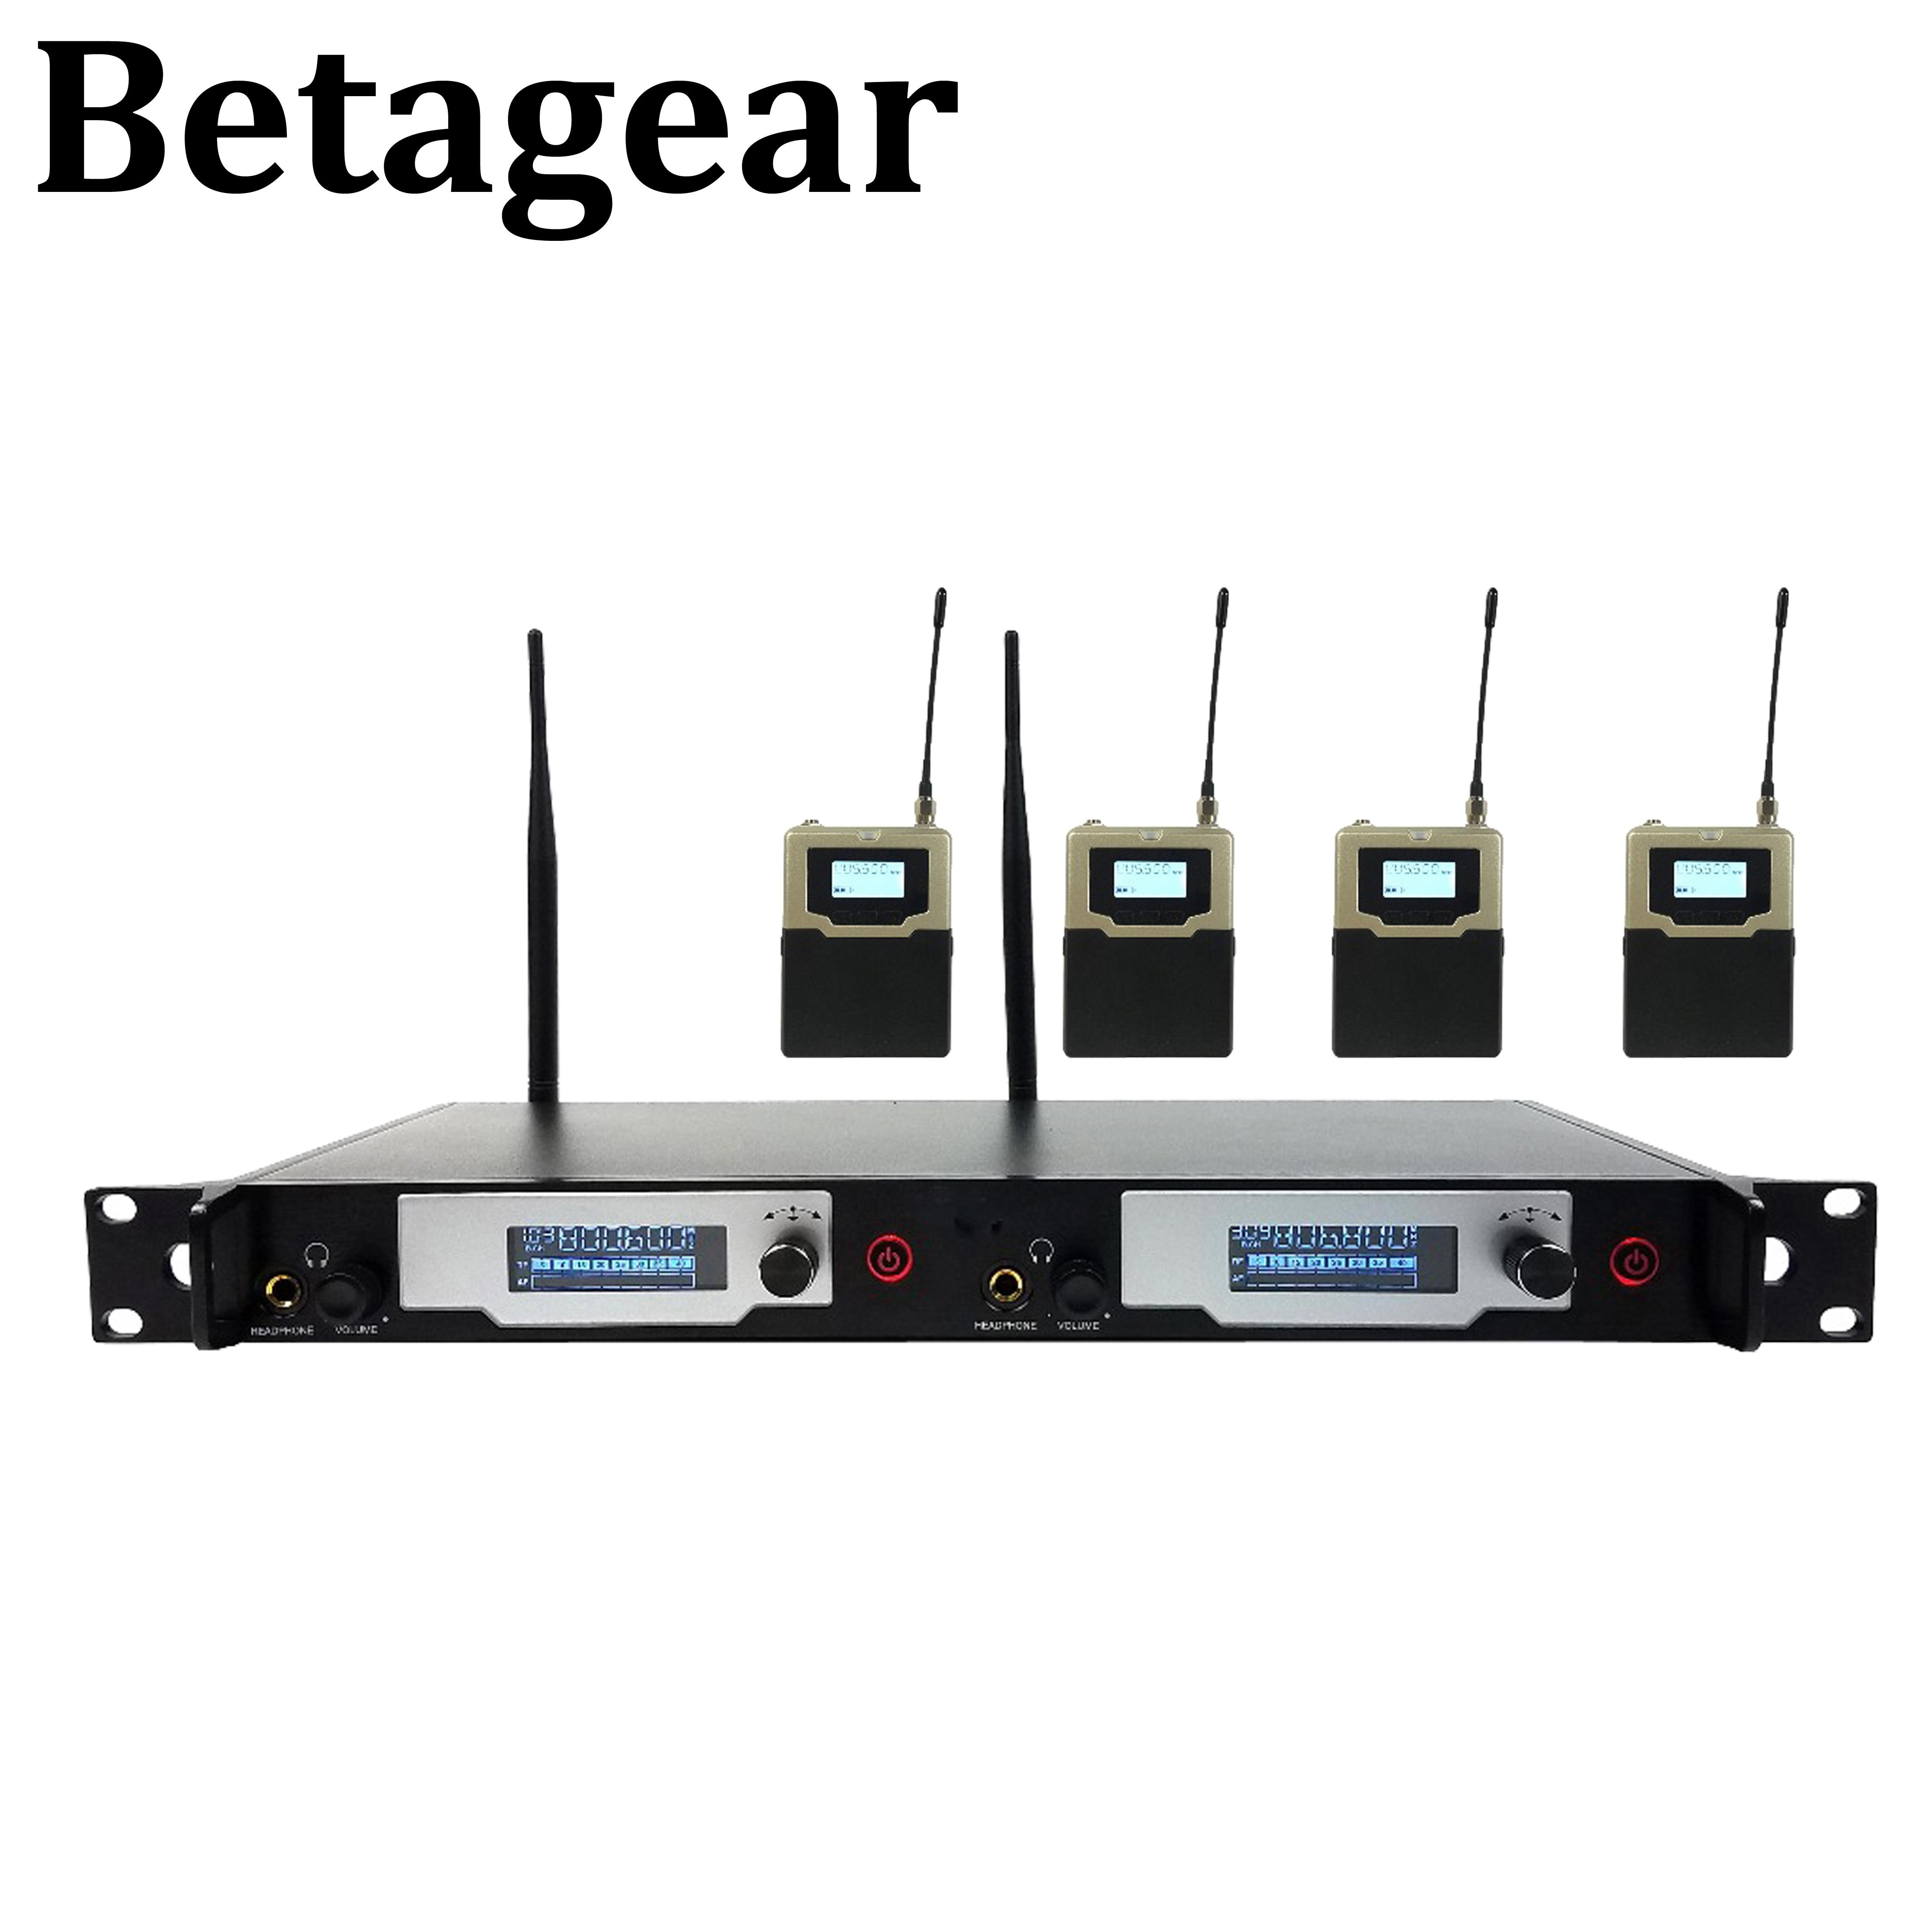 Betagear Auf-bühne monitor L9400 in ohr-monitor drahtlose system UHF IEM Bühne überwachung stereo Professionelle Bühne Überwachung